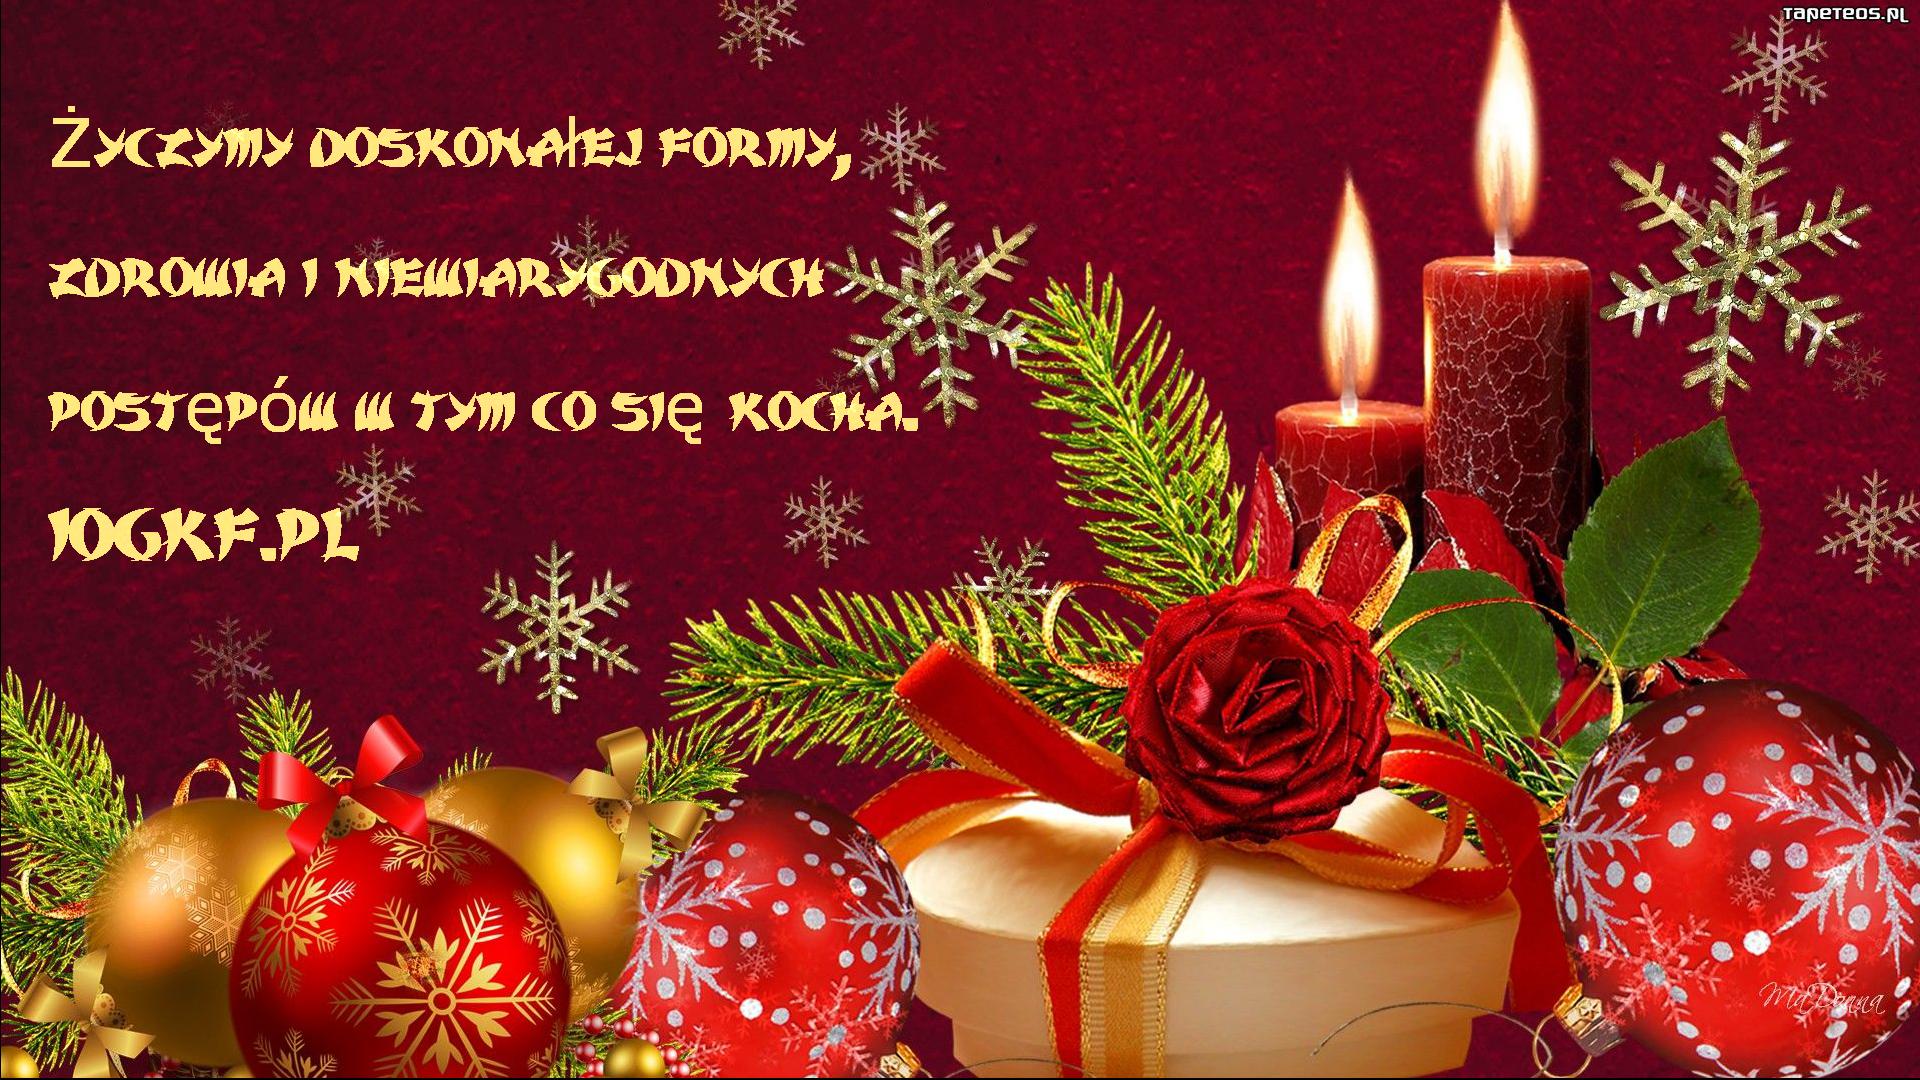 Święta2014